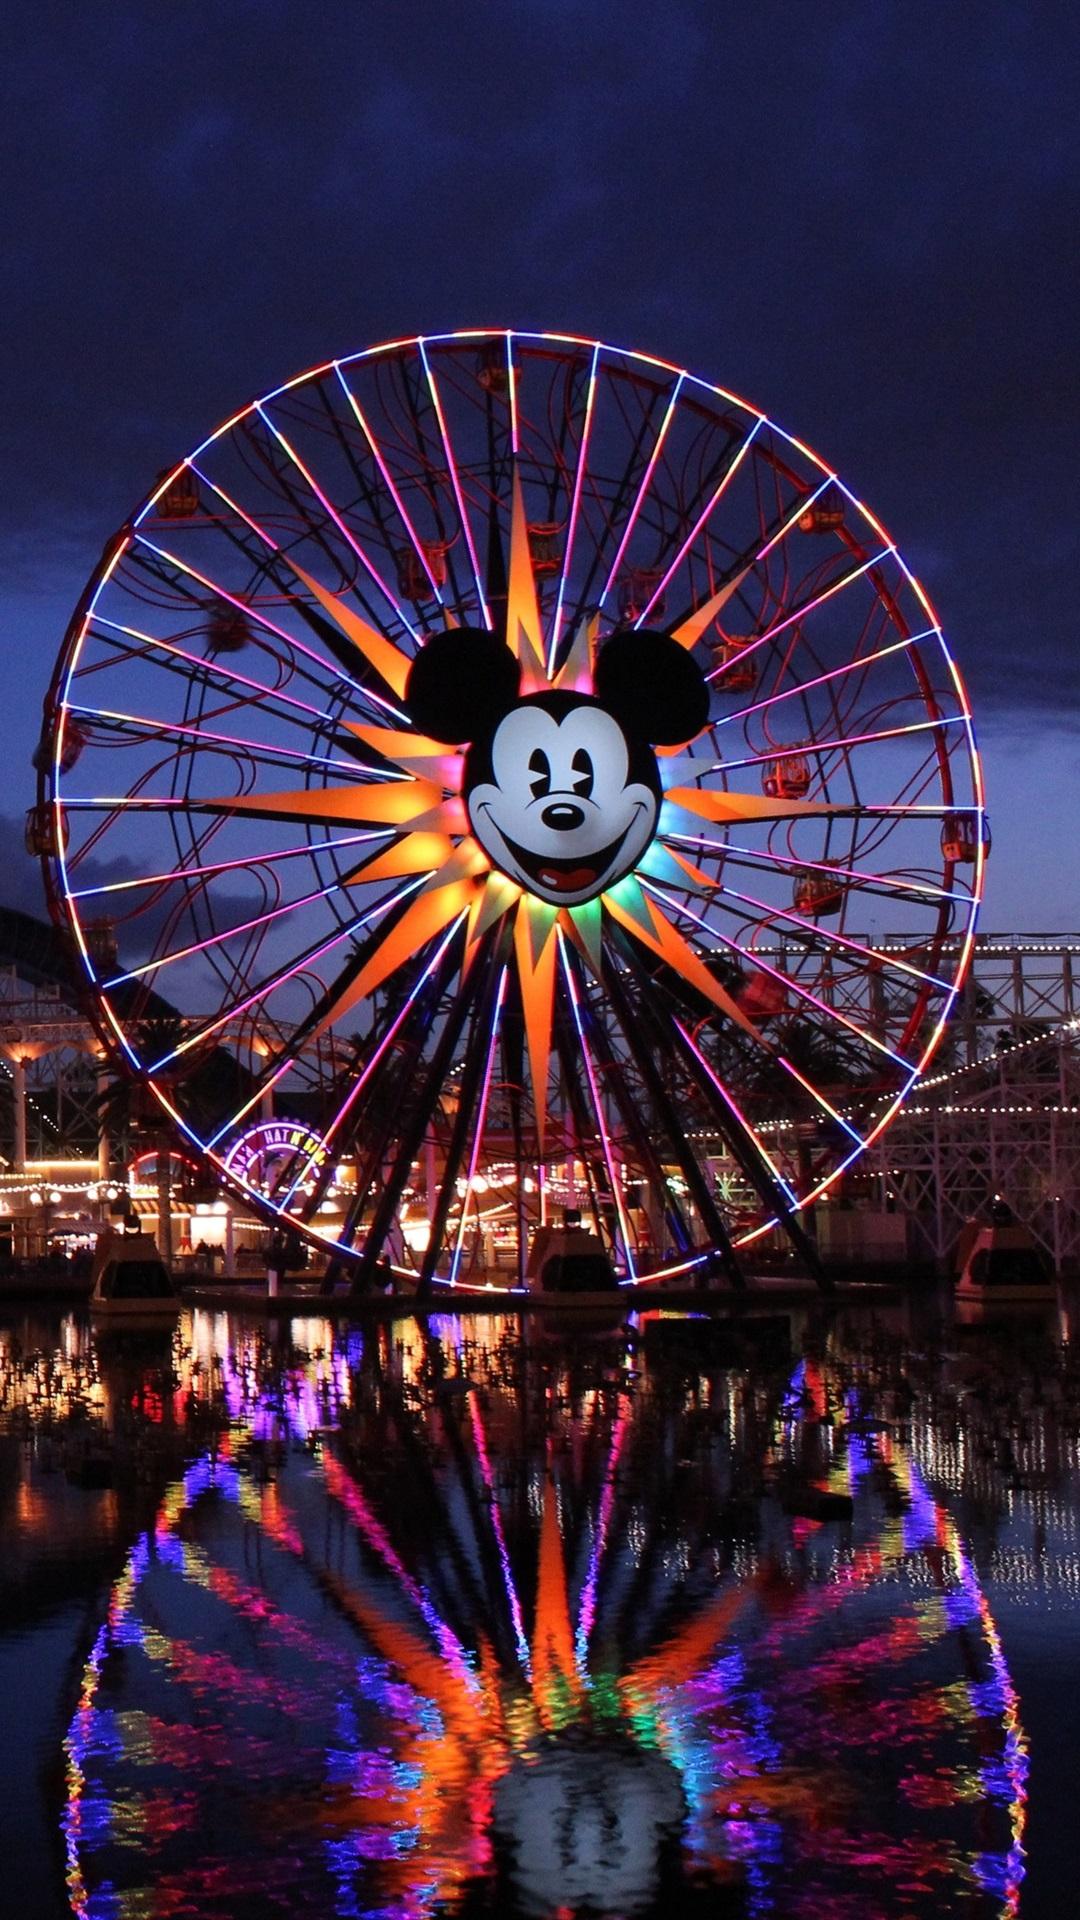 Disney California Adventure Paradise Pier Roller Coaster Ferris